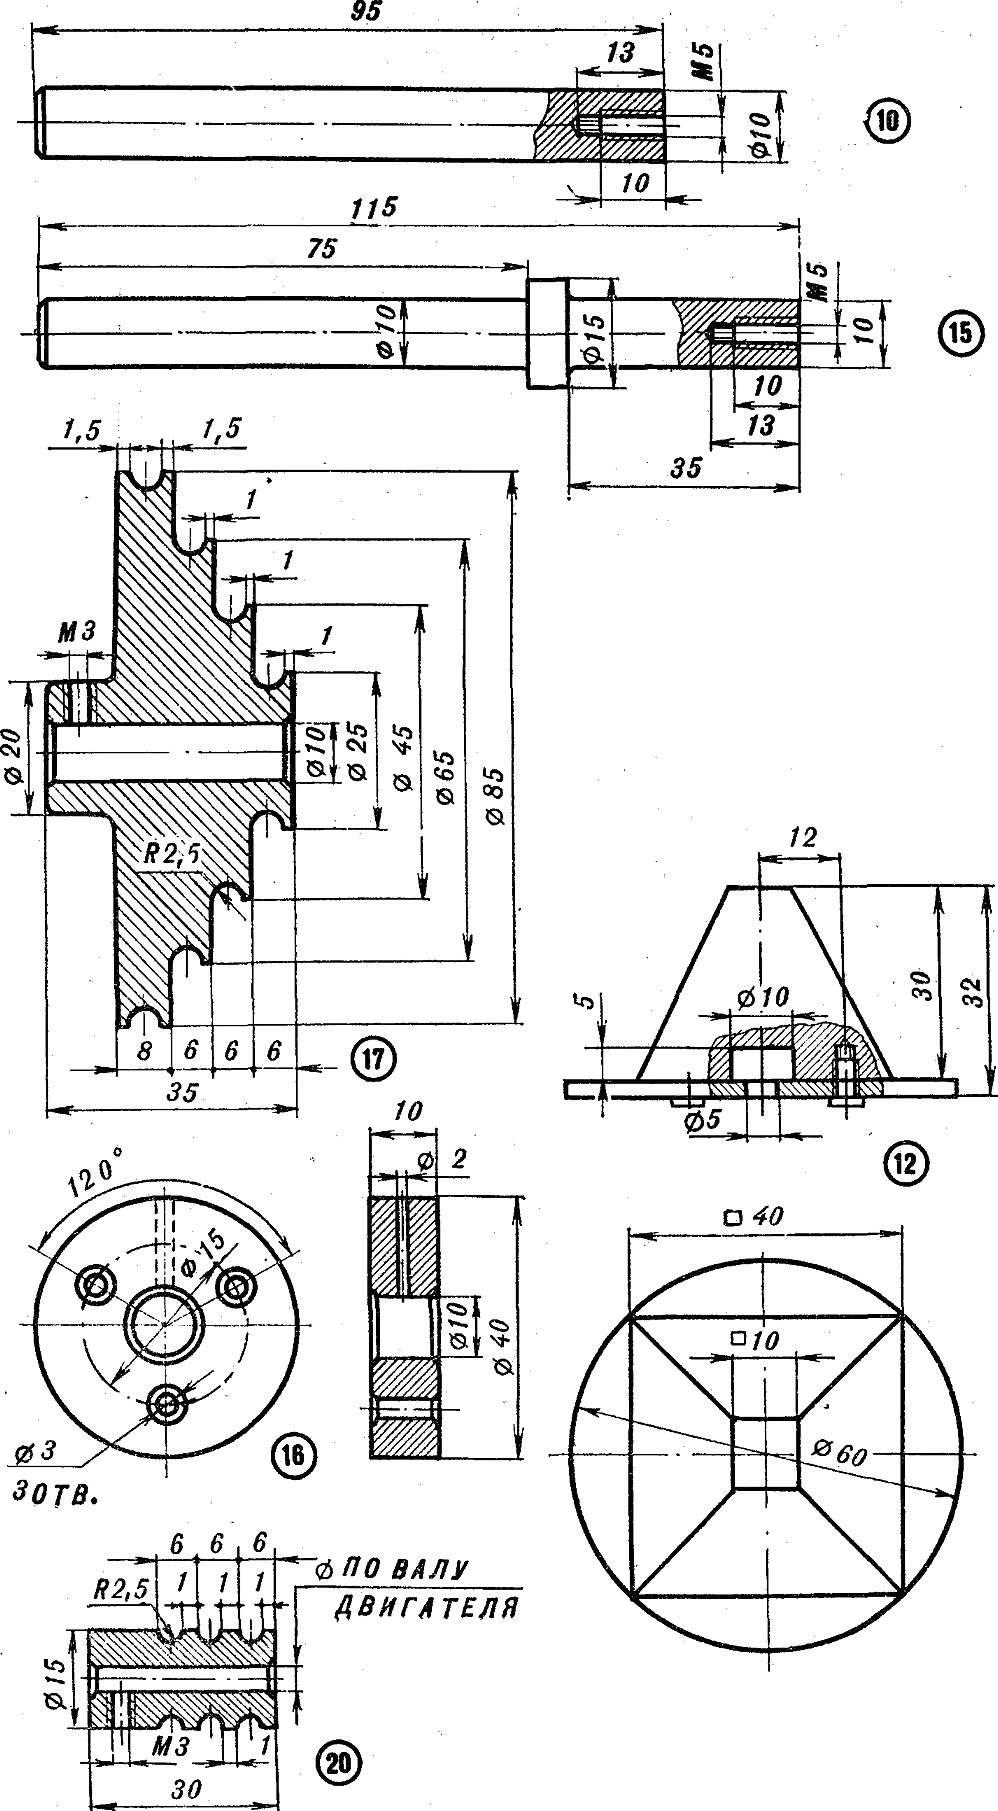 Рис. 5. Некоторые детали полуавтомата (номера деталей соответствуют позициям рисунка 3).